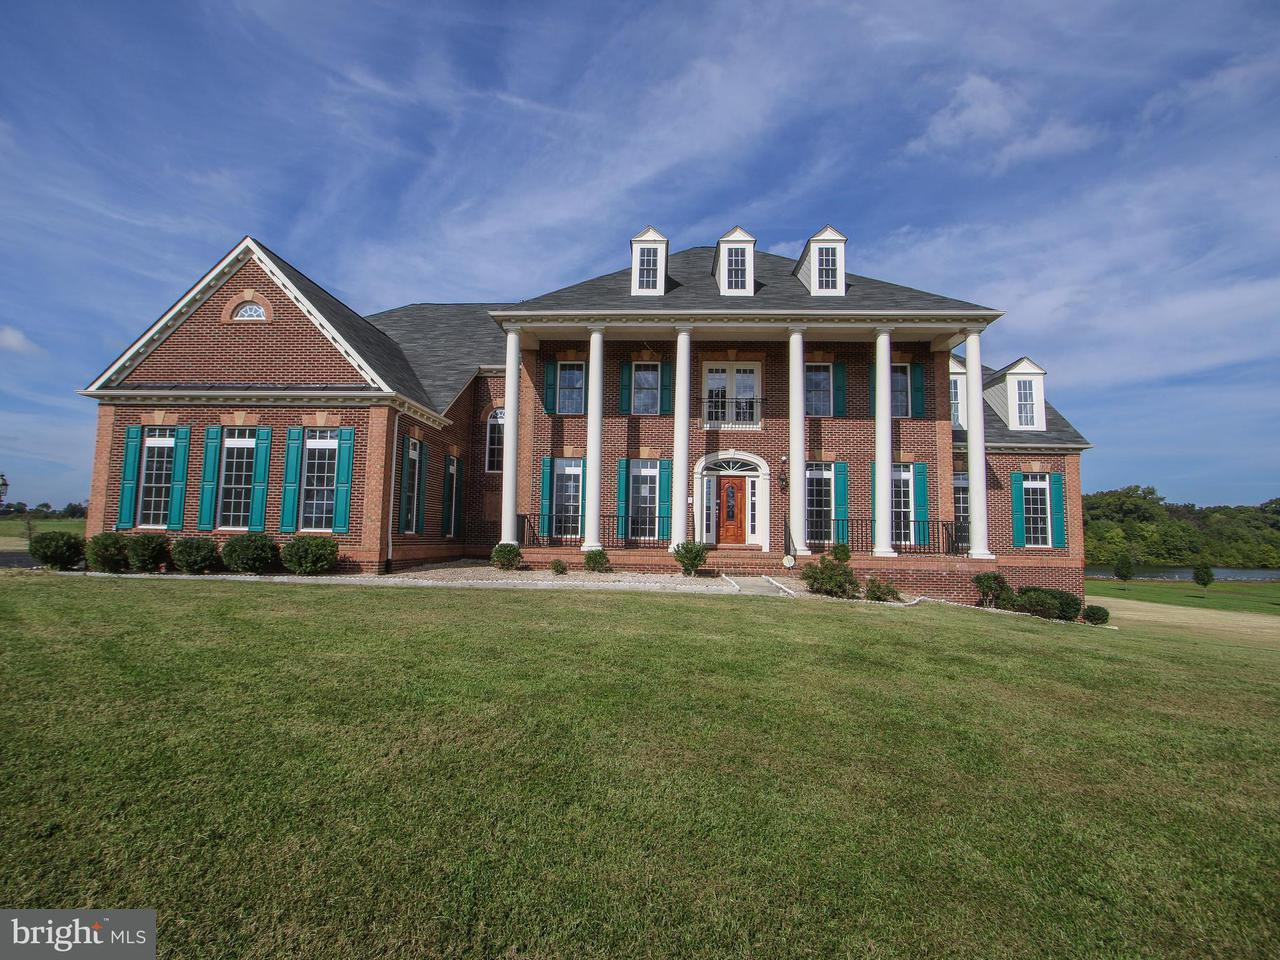 Частный односемейный дом для того Продажа на 14330 Trotters Ridge Place 14330 Trotters Ridge Place Nokesville, Виргиния 20181 Соединенные Штаты